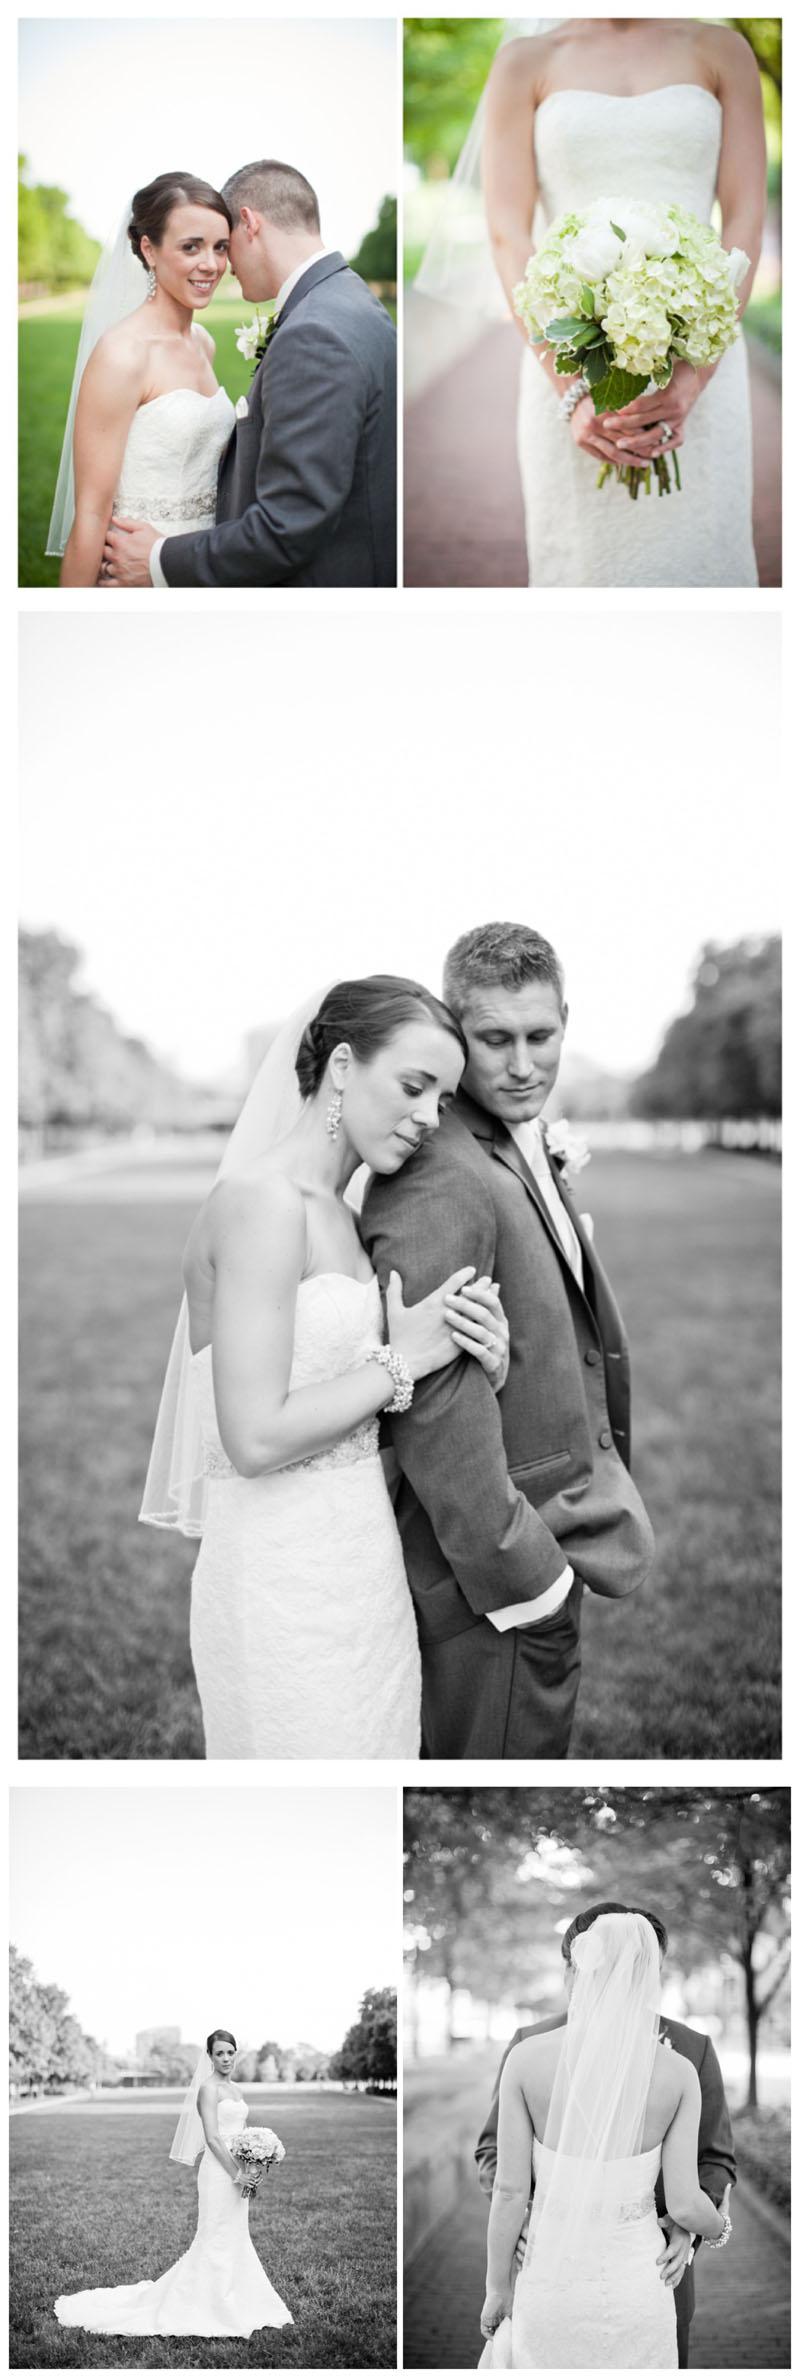 LilyGlassPhotography_Columbus Ohio Wedding Photography09.jpg